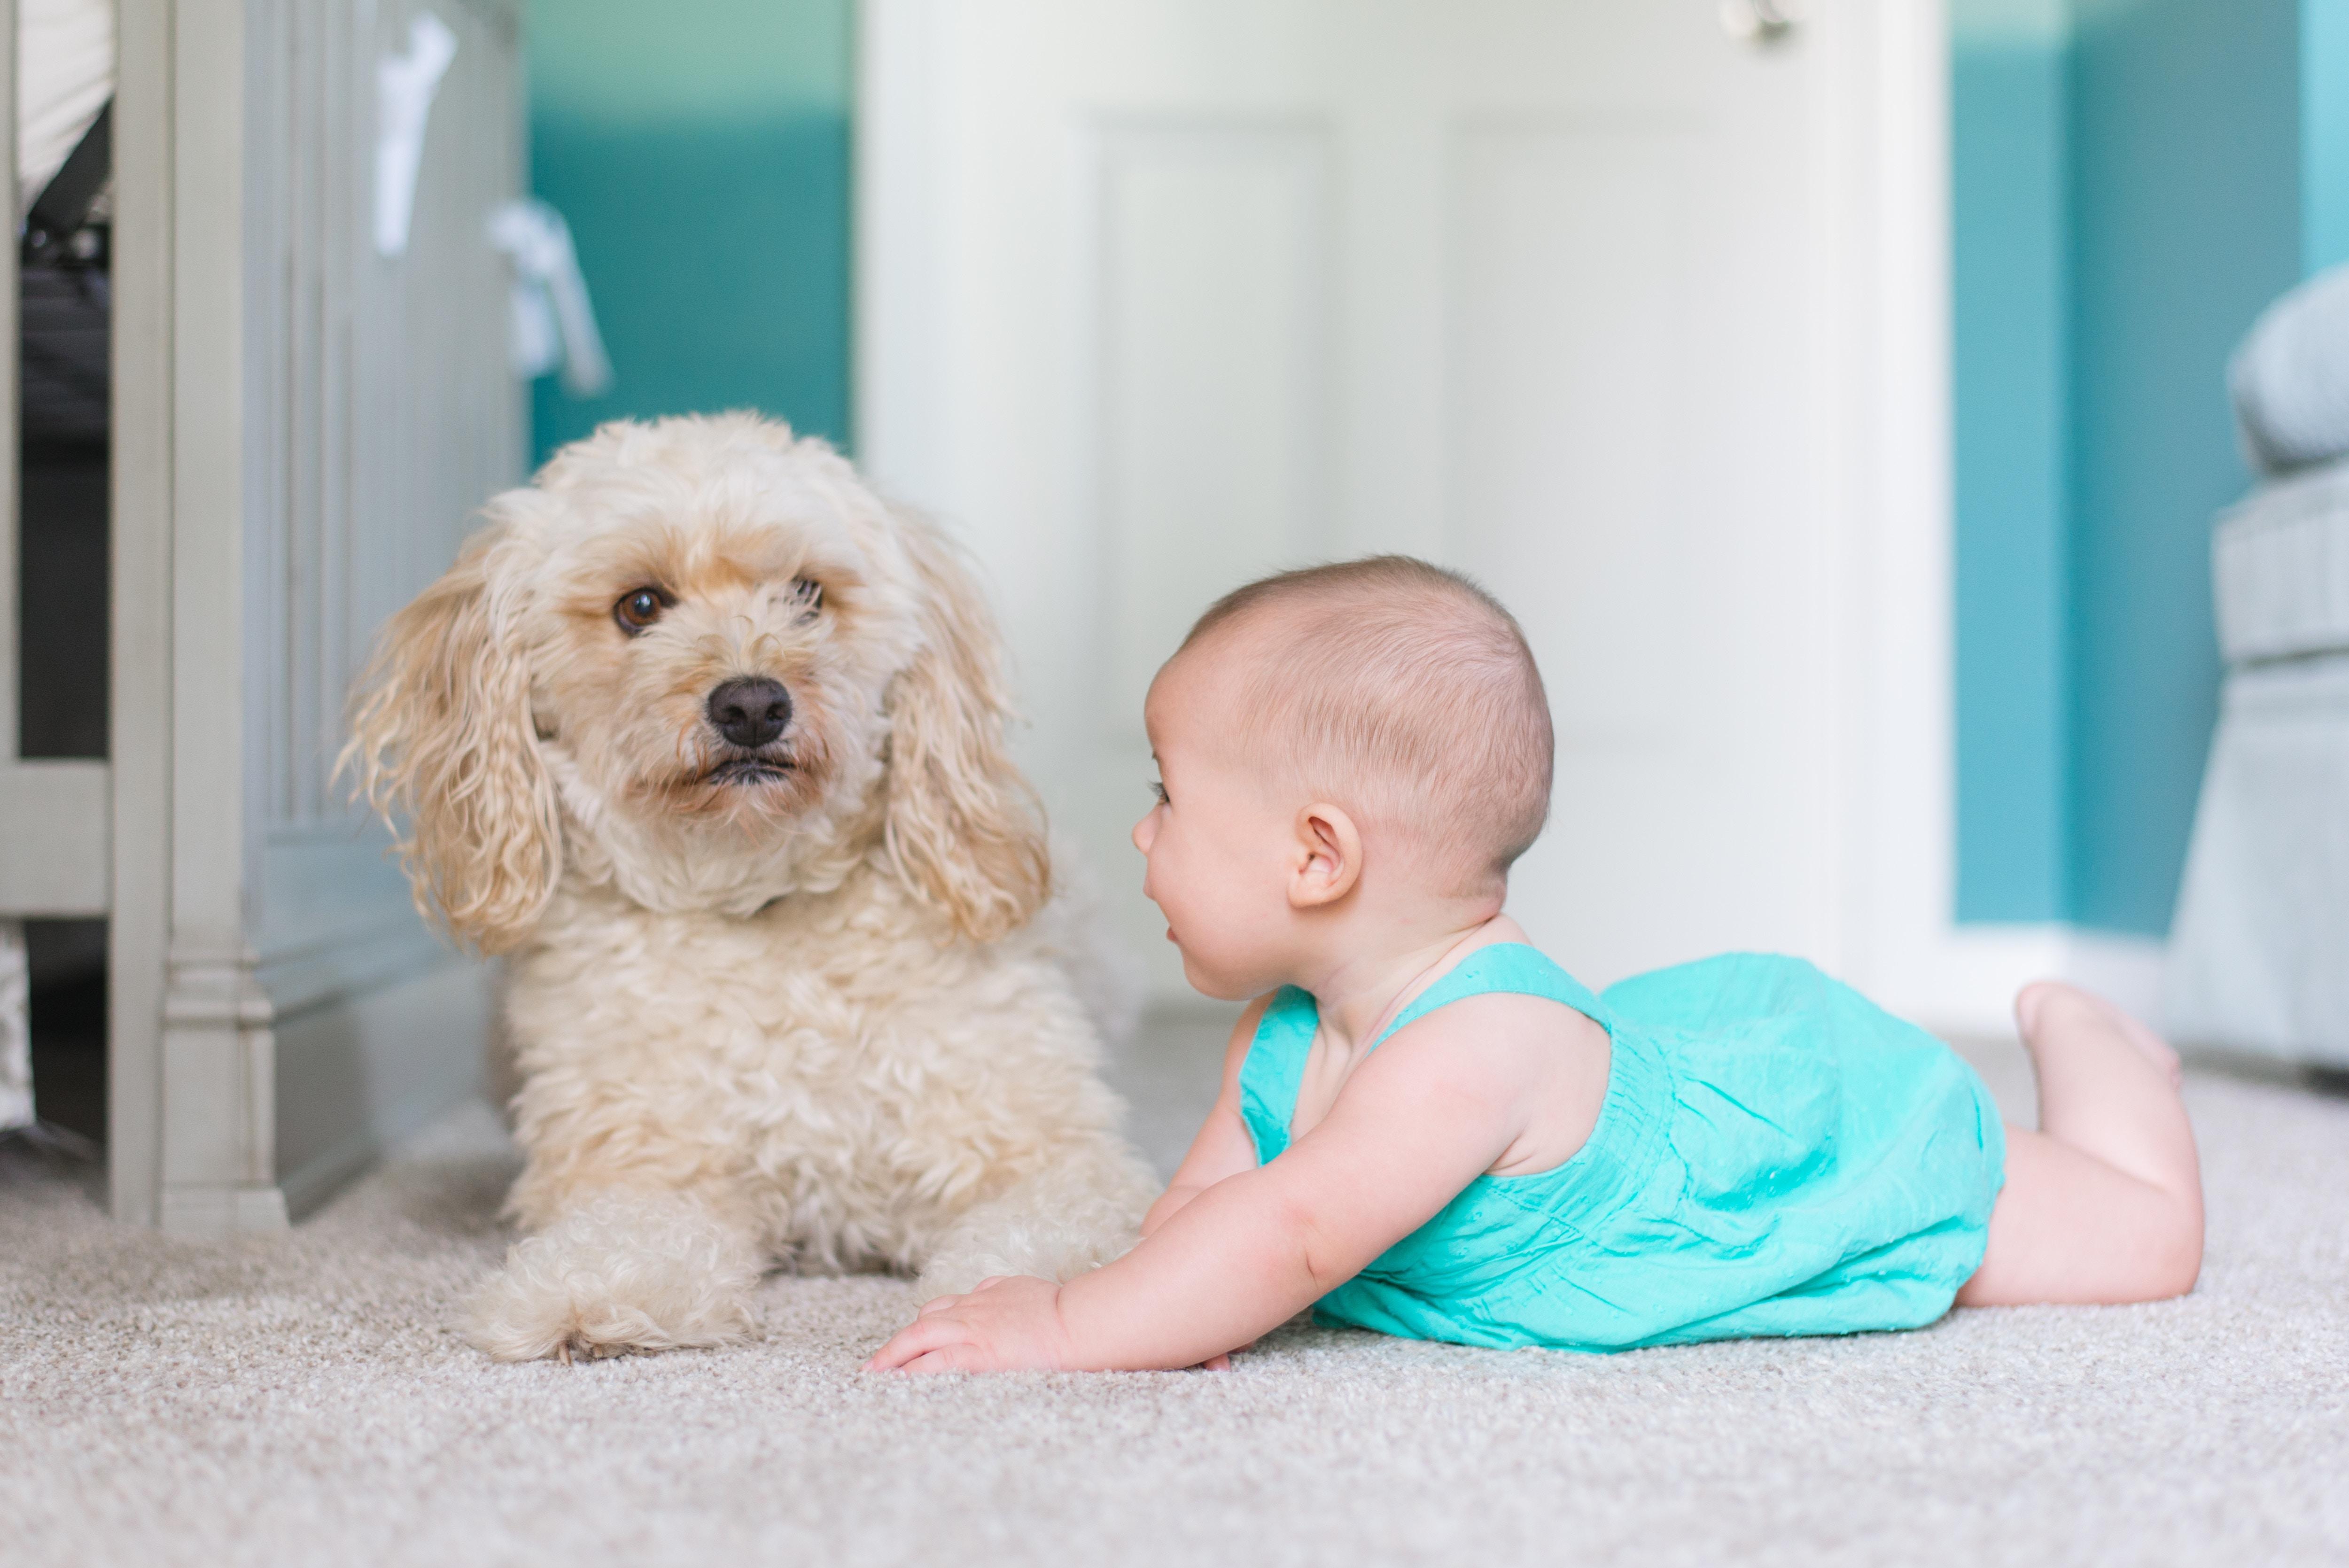 4 gute Gründe, wie Ihre Kinder von einem Haustier profitieren können